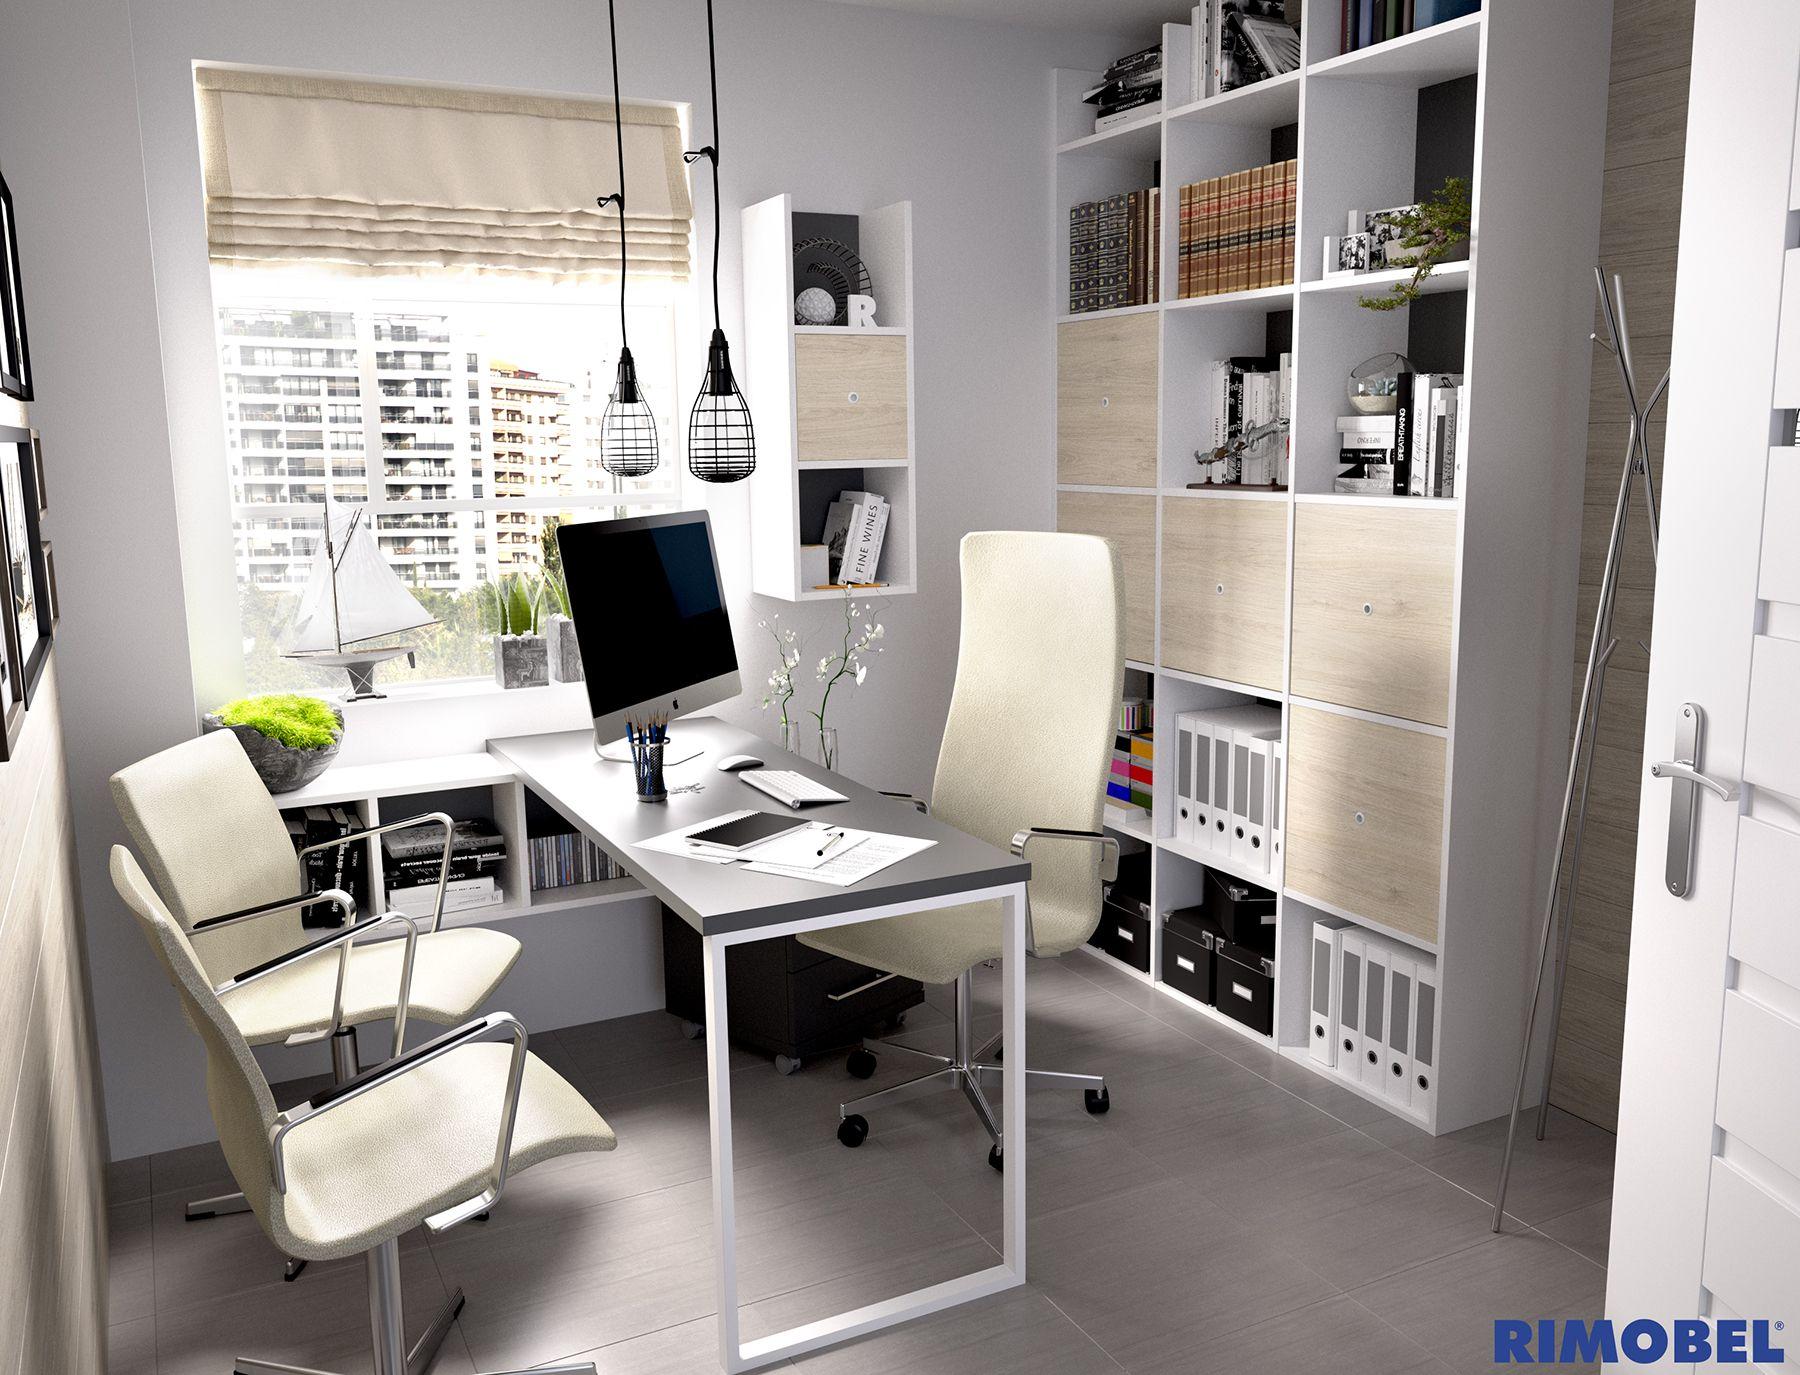 Un despacho porqu no dise a lo que te apetezca con - Disena tu habitacion ...